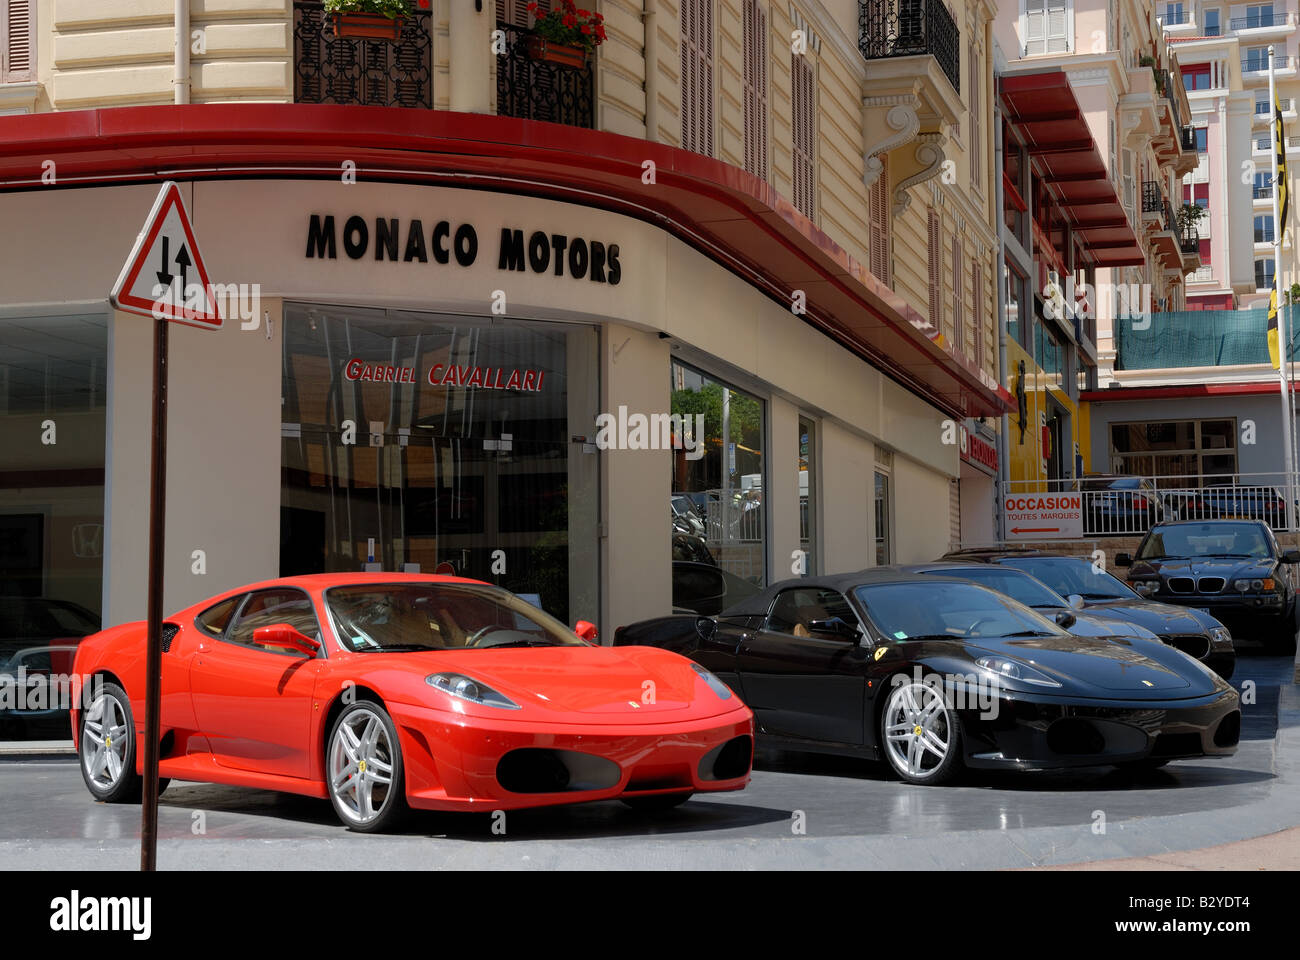 en in spider st italia cannes rental rent nice location ferrari monaco car tropez white mb premium